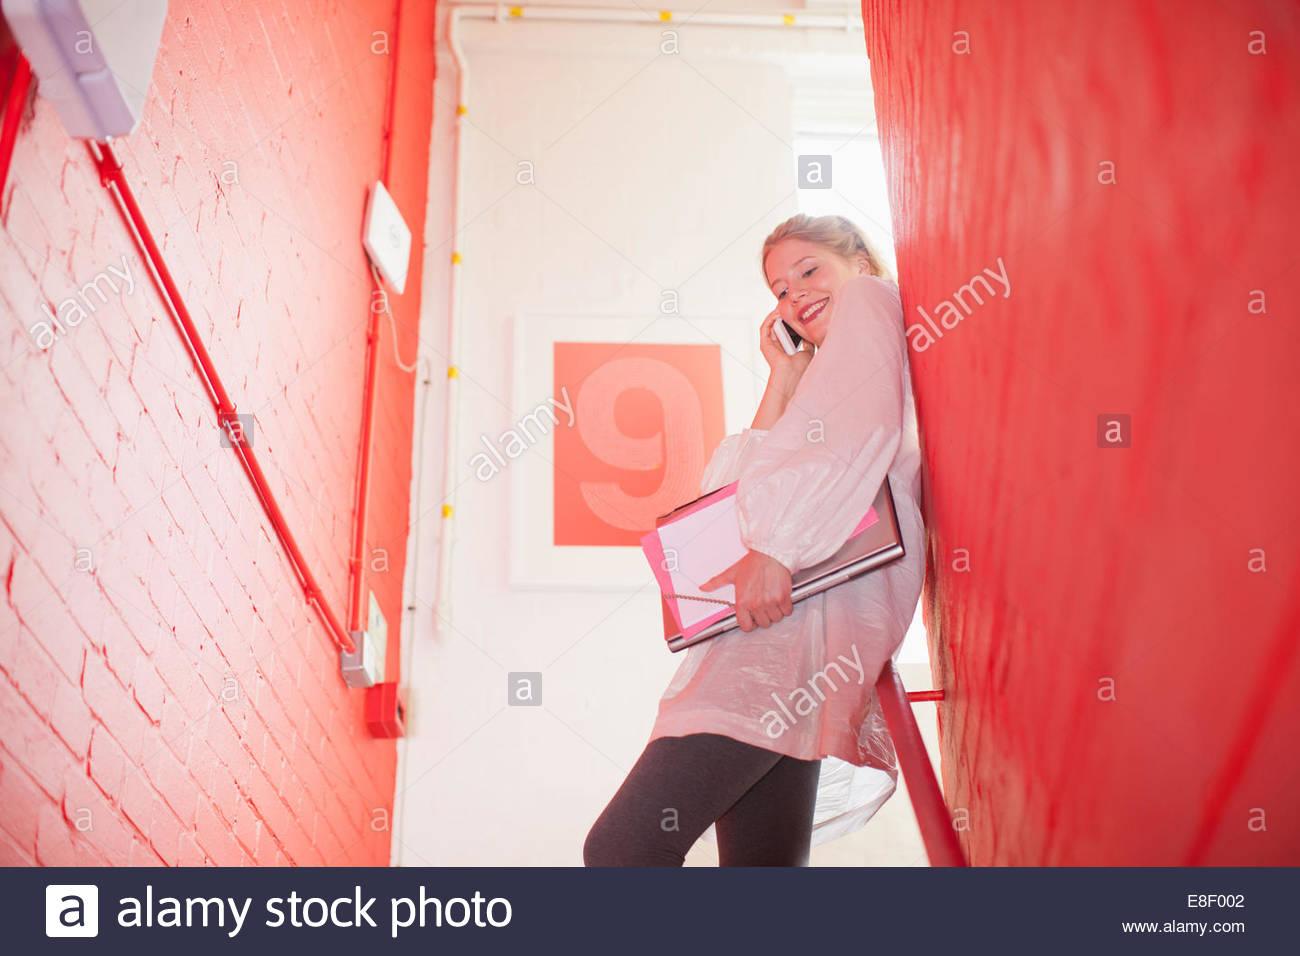 La empresaria sonriente Celebración carpetas y hablando por teléfono celular en la escalera Imagen De Stock